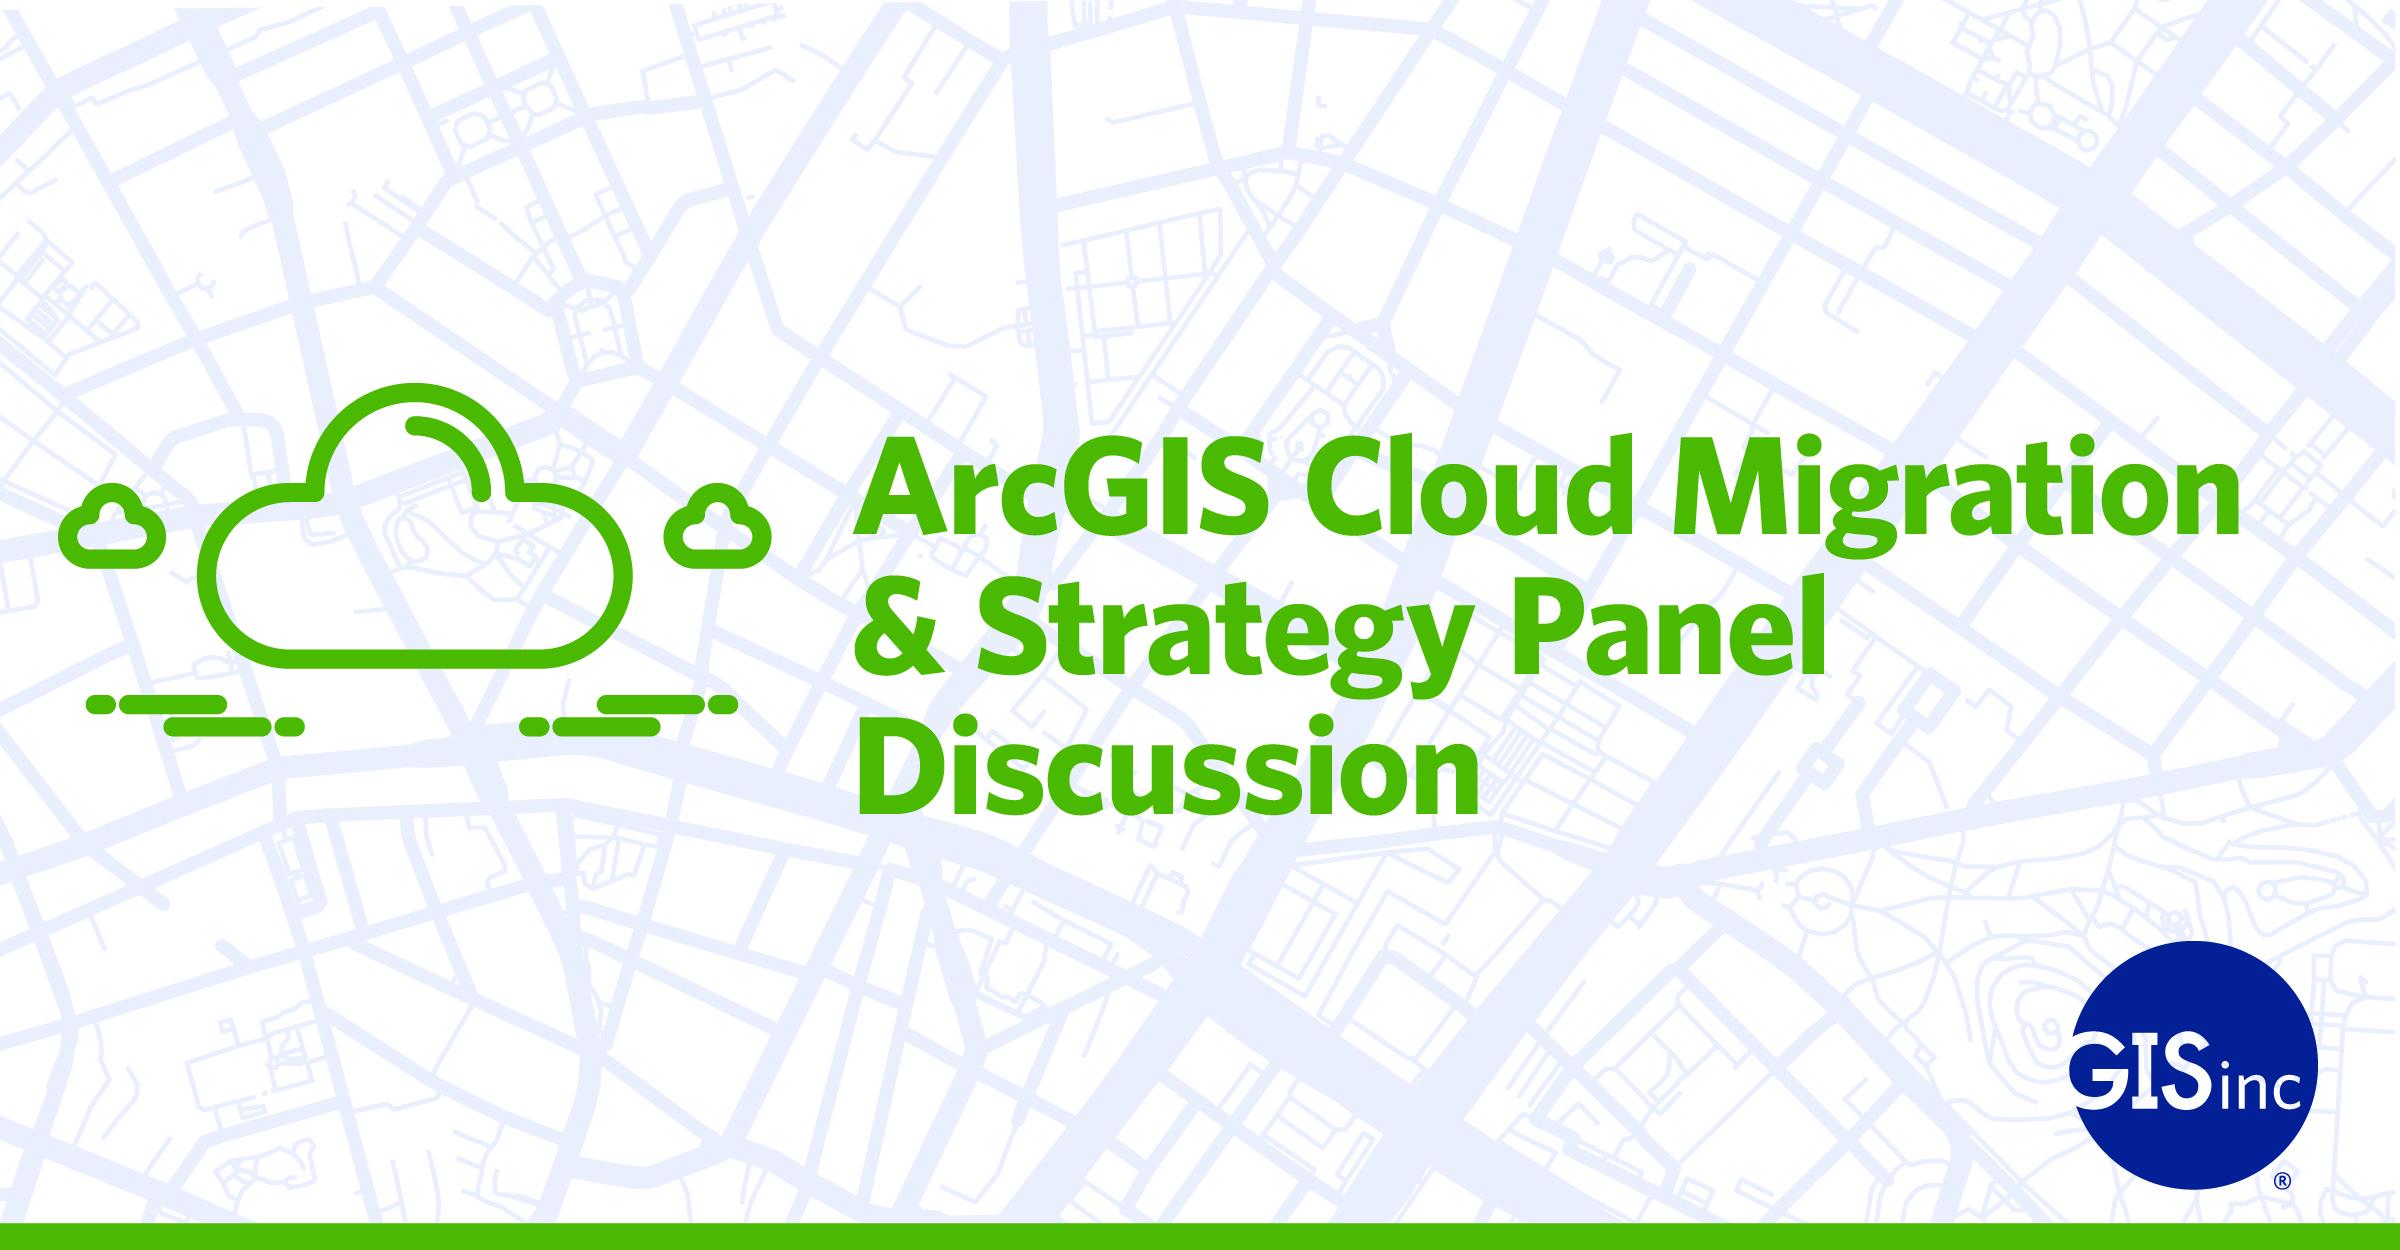 ArcGIS Cloud Migration & Strategy Panel Q&A